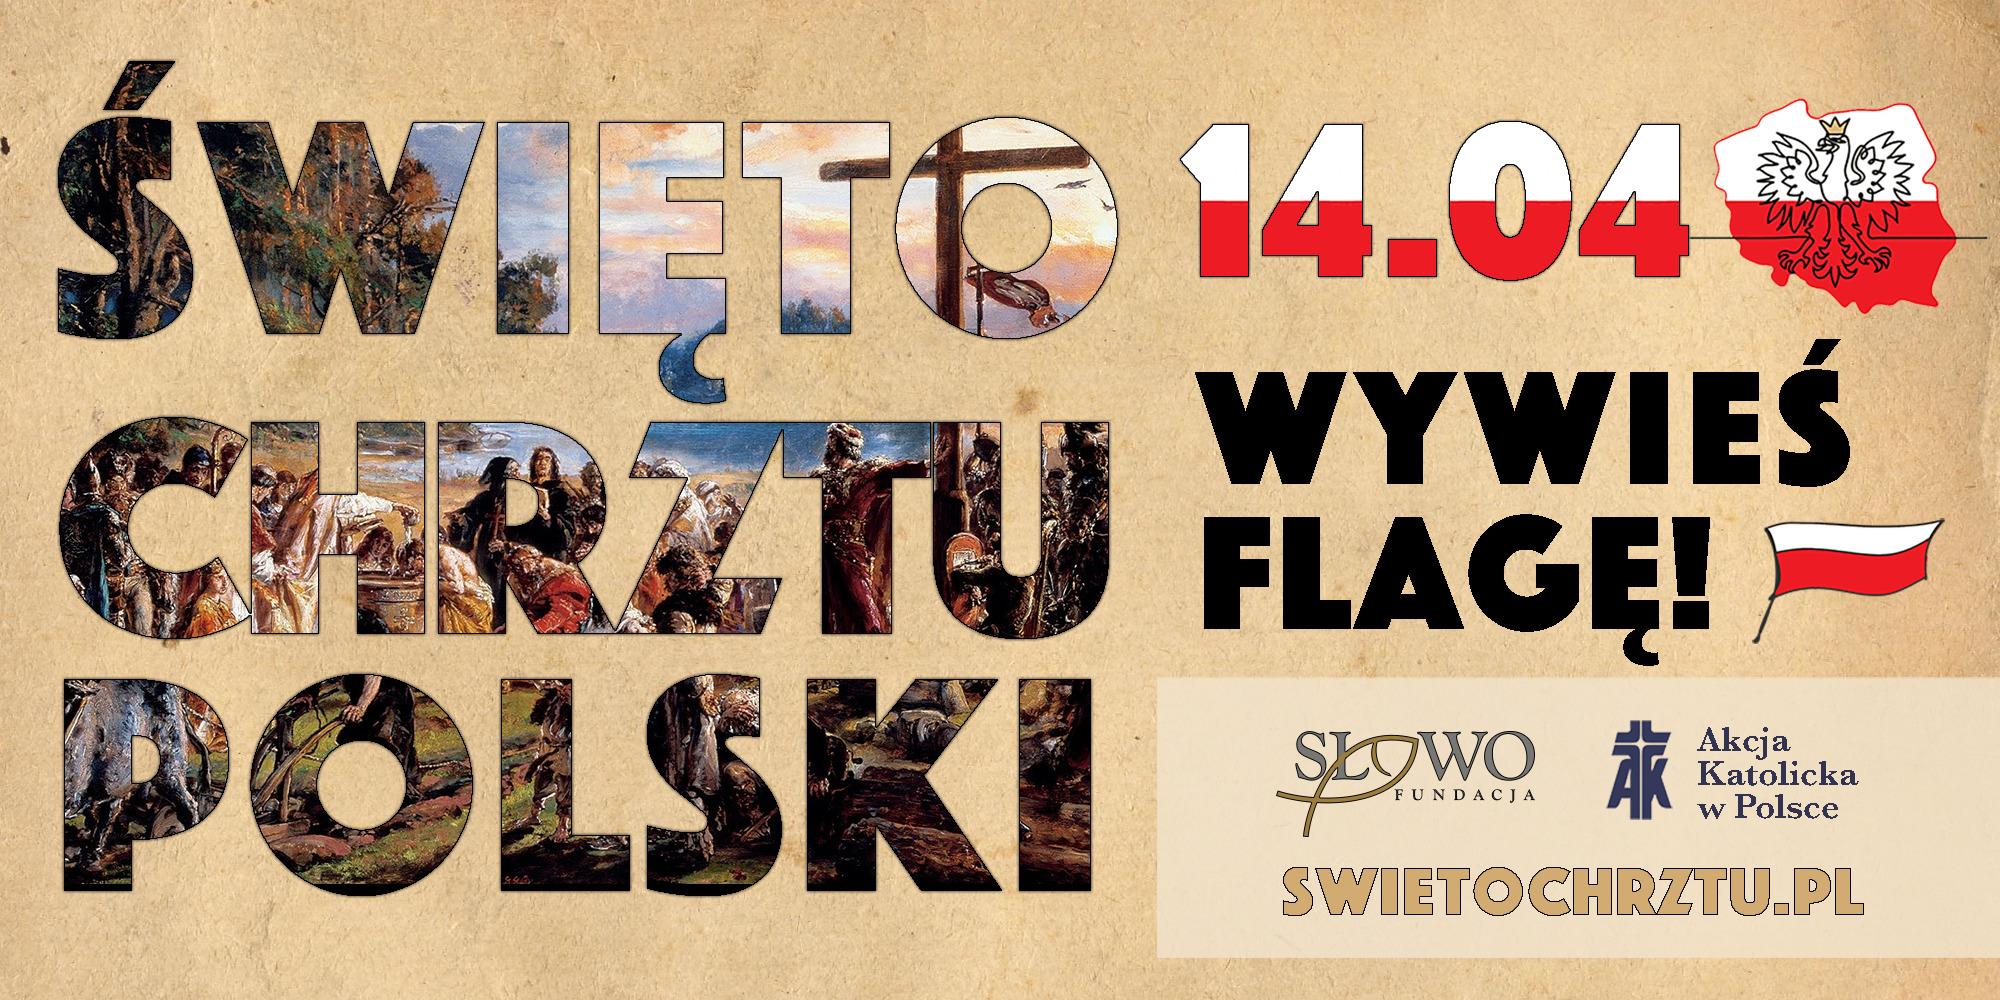 Święto Chrztu Polski 14.04.2020 - plakat informacyjny